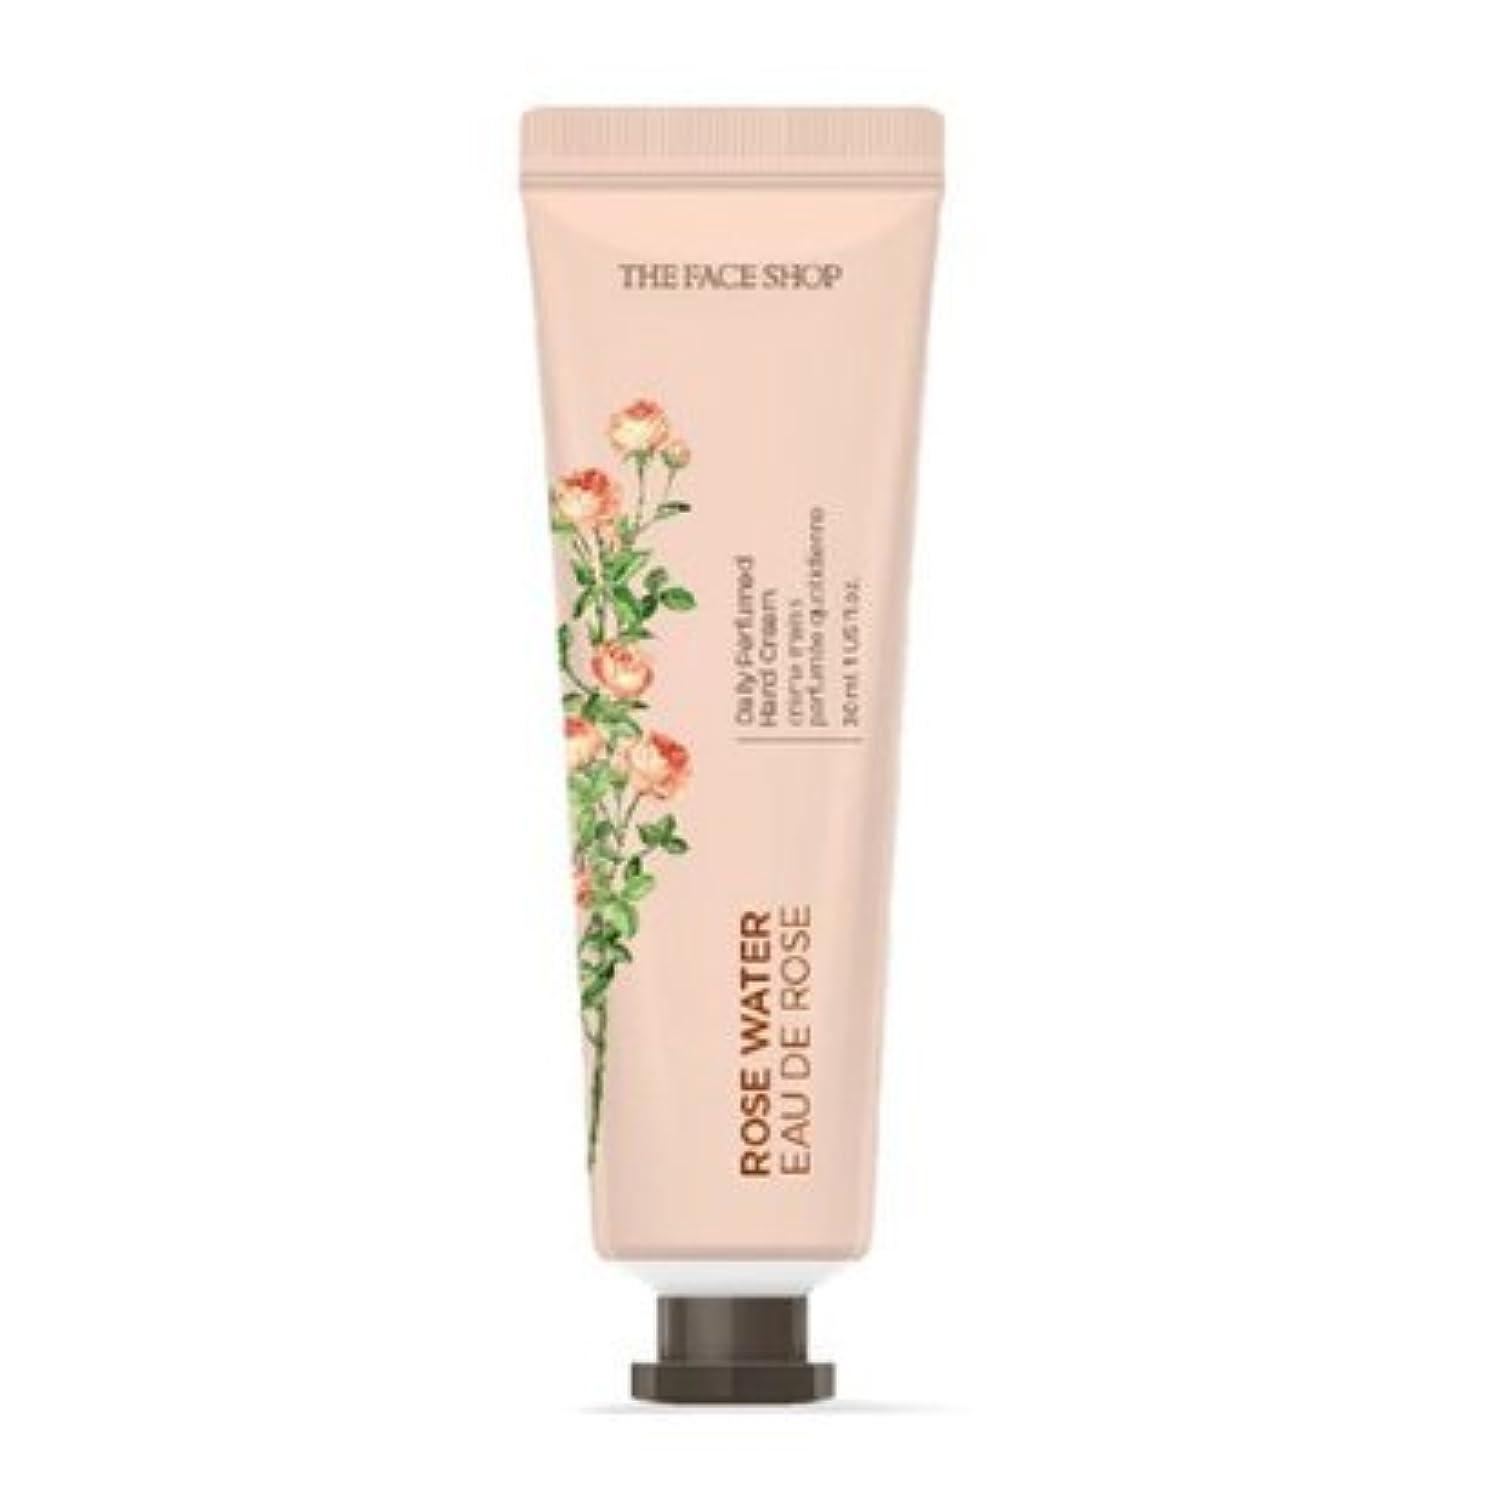 前者所属脳[1+1] THE FACE SHOP Daily Perfume Hand Cream [01.Rose Water] ザフェイスショップ デイリーパフュームハンドクリーム [01.ローズウォーター] [new] [並行輸入品]